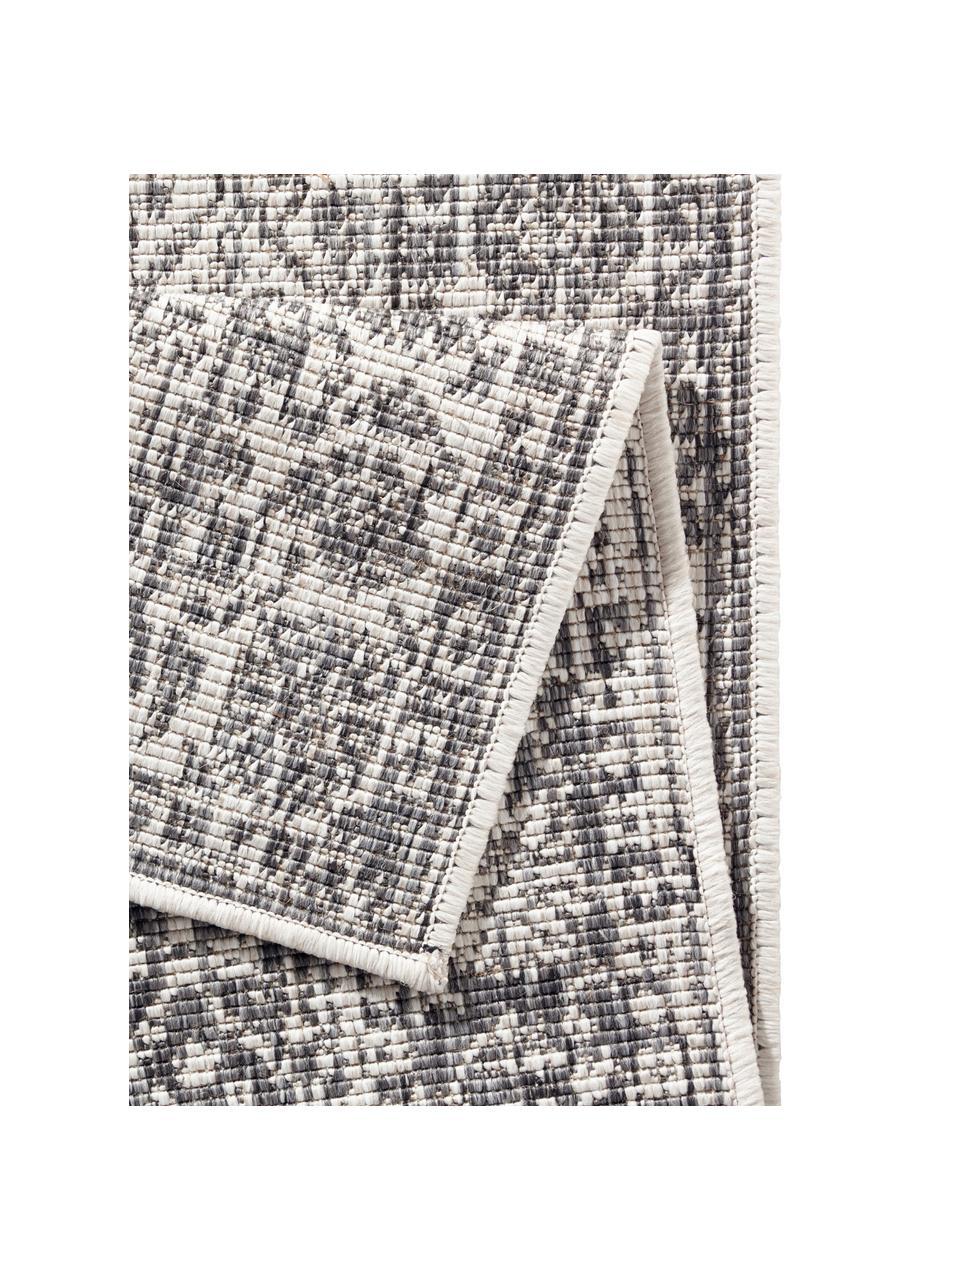 Tappeto vintage reversibile da interno-esterno Curacao, Grigio, color crema, Larg. 80 x Lung. 150 cm (taglia XS)